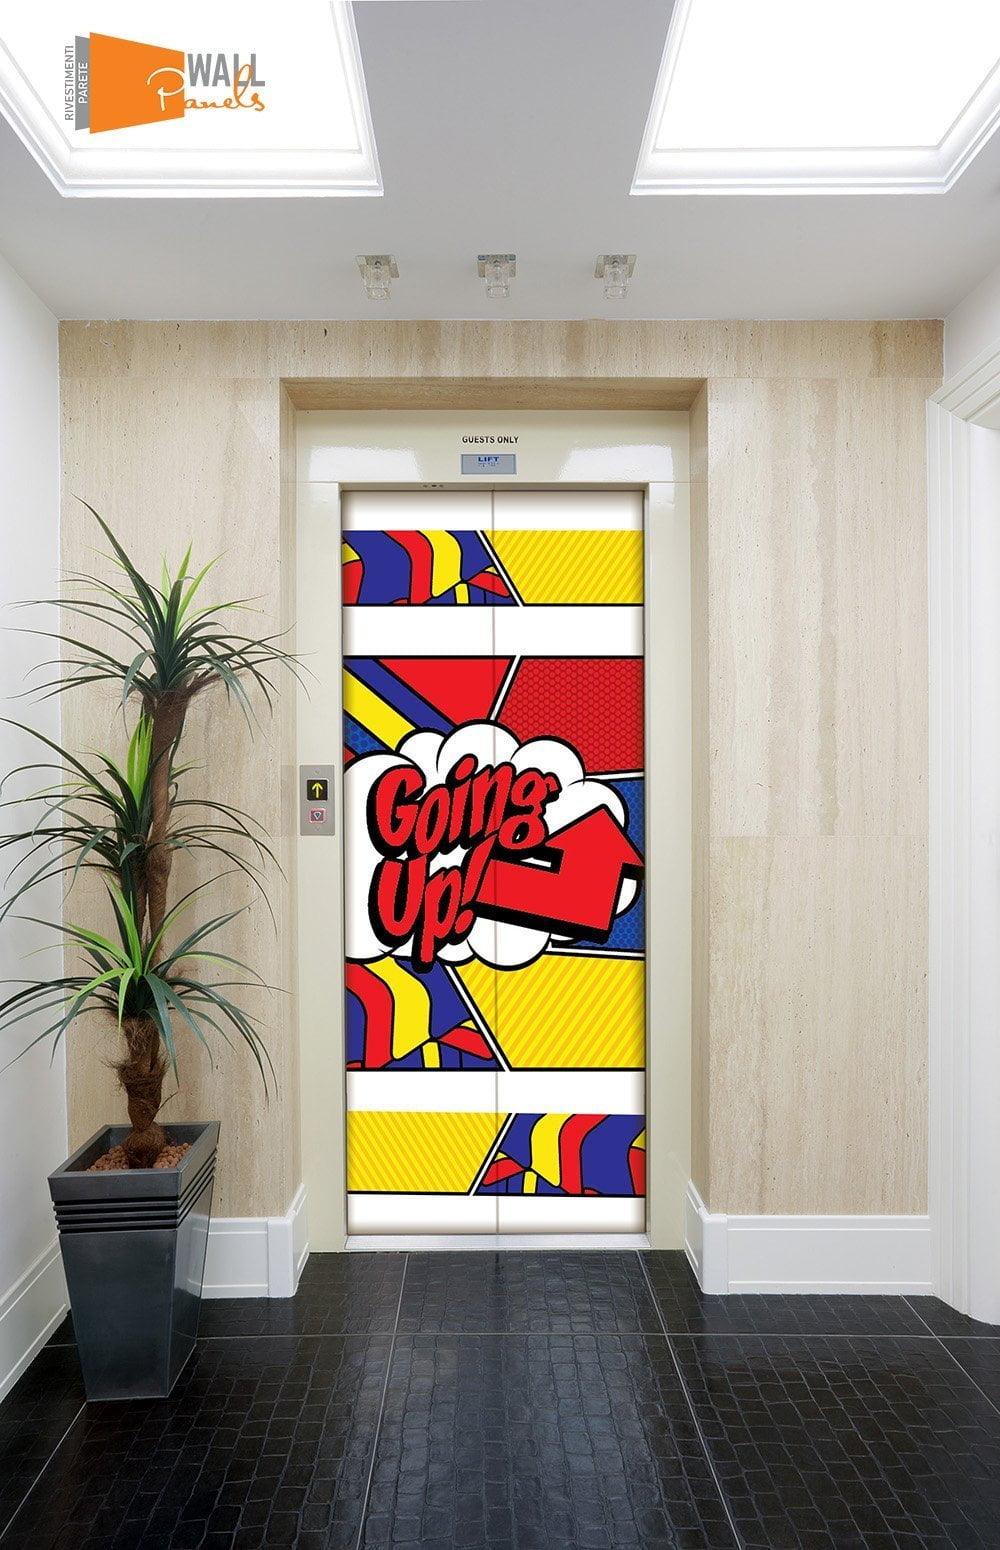 Porte-ascensore